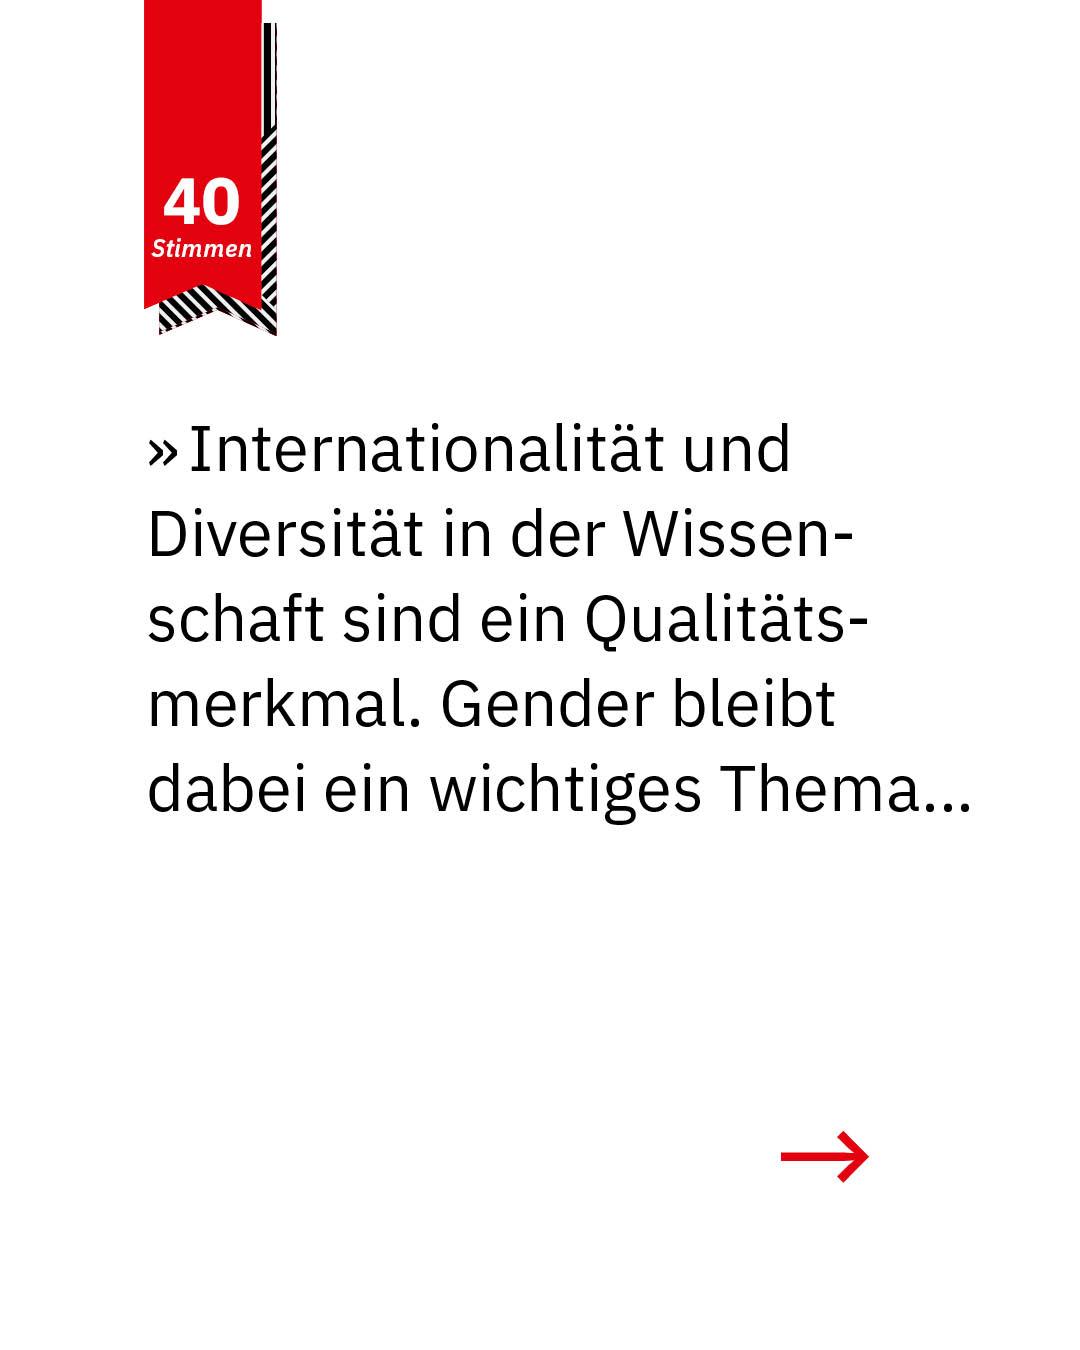 Statement 40 Jahre Gleichberechtigung, Prof. Dr. Antje Boetius, Direktorin Alfred-Wegener-Institut